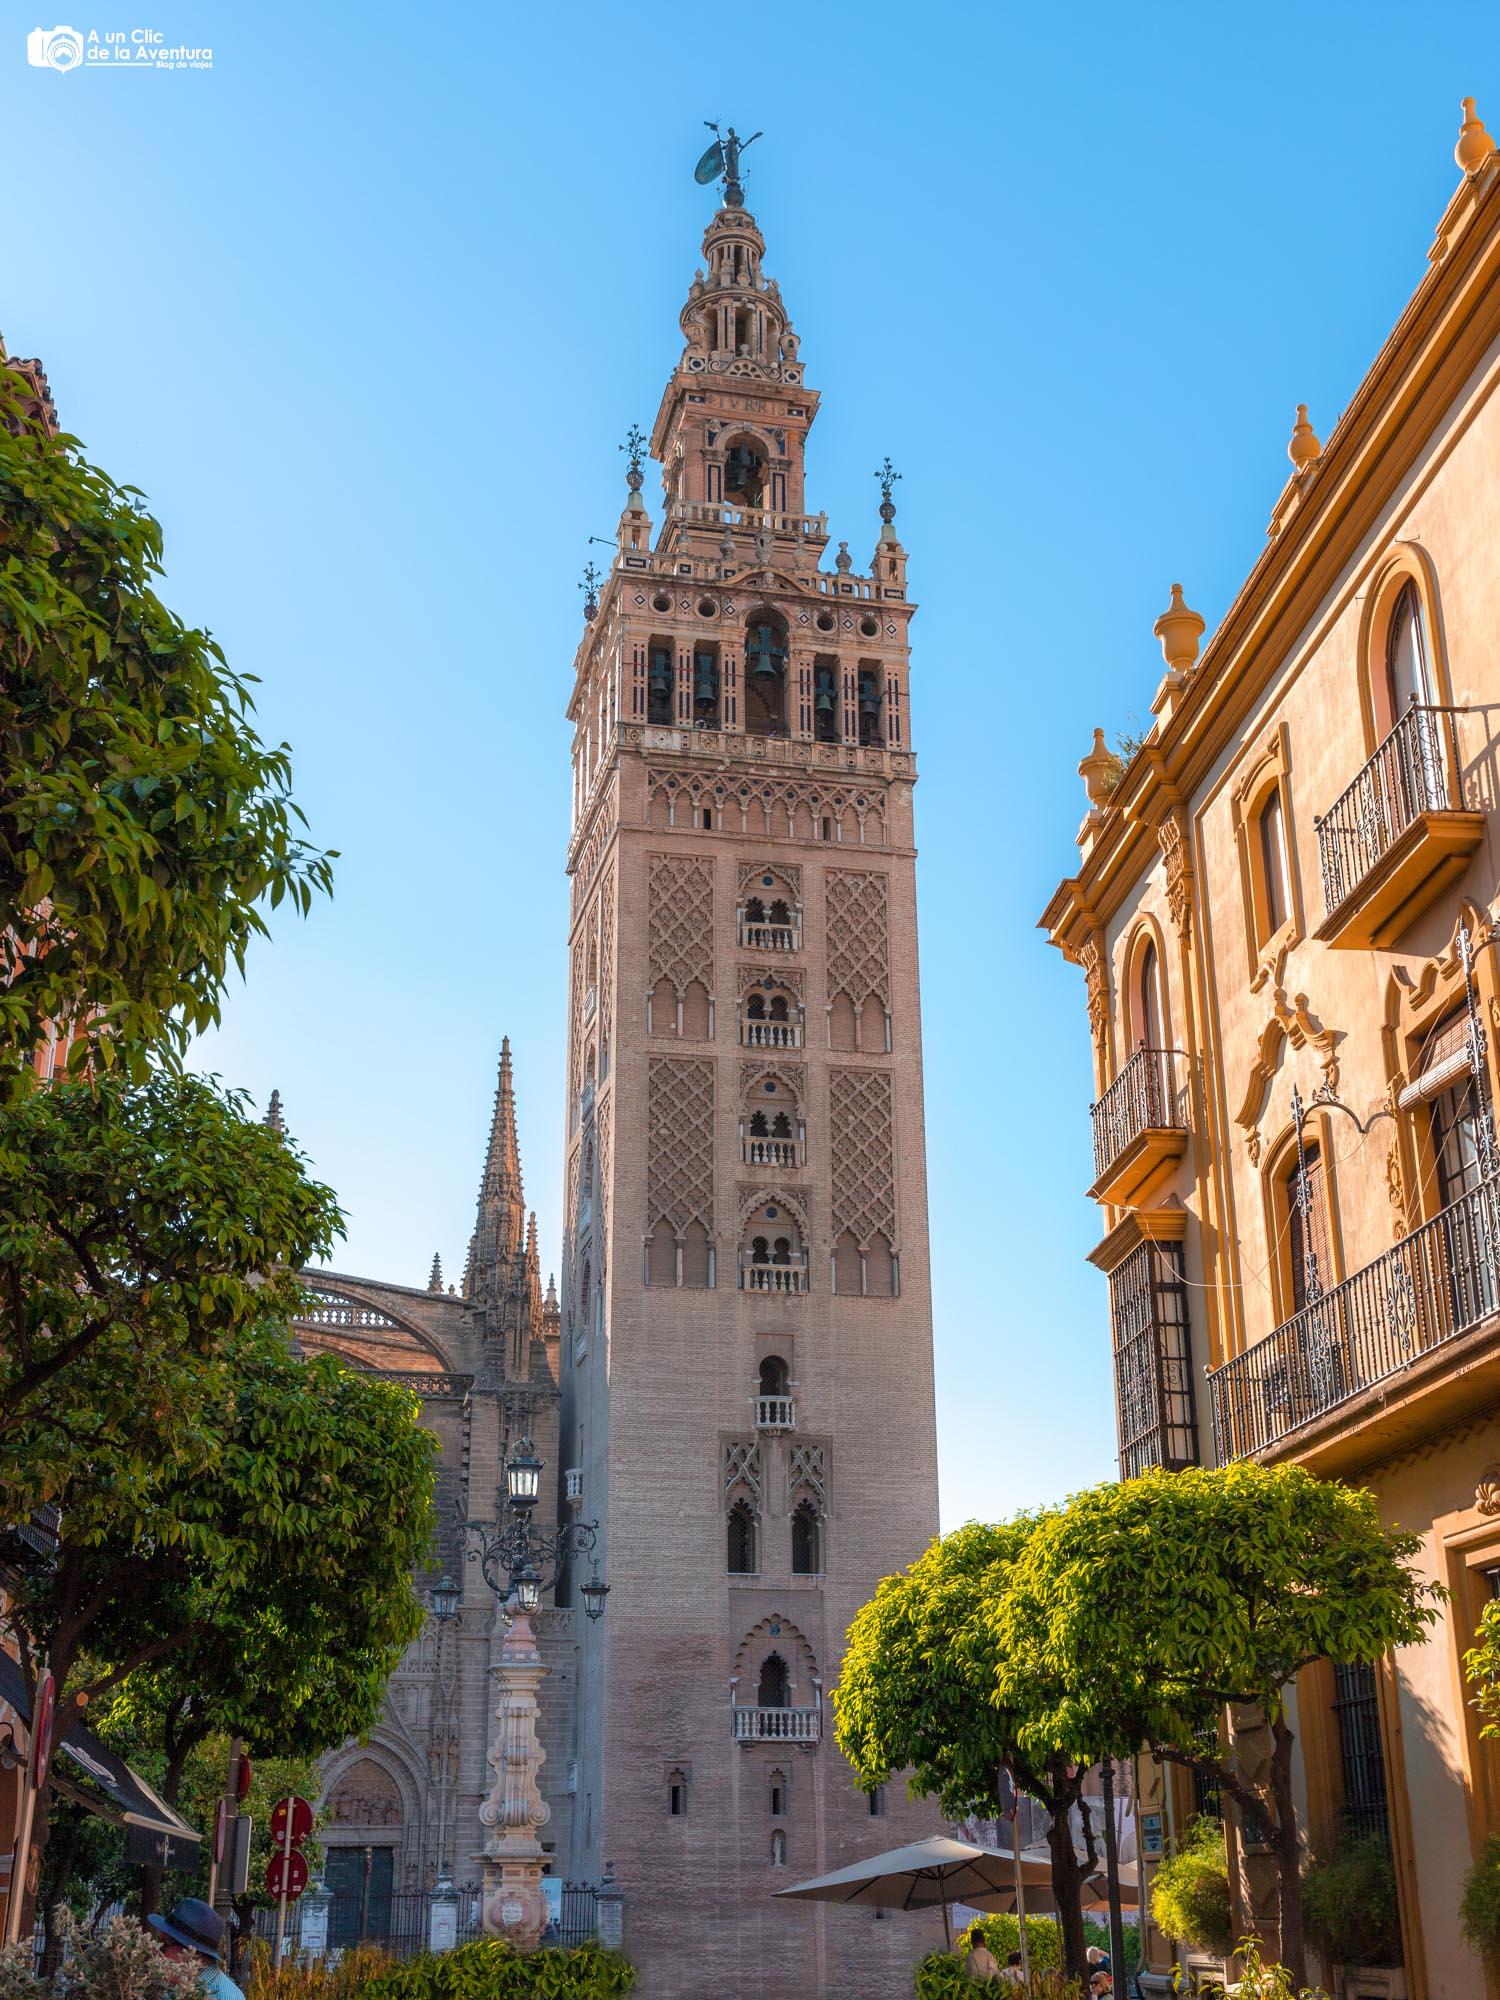 La Giralda de Sevilla, ciudades más bonitas de Andalucía